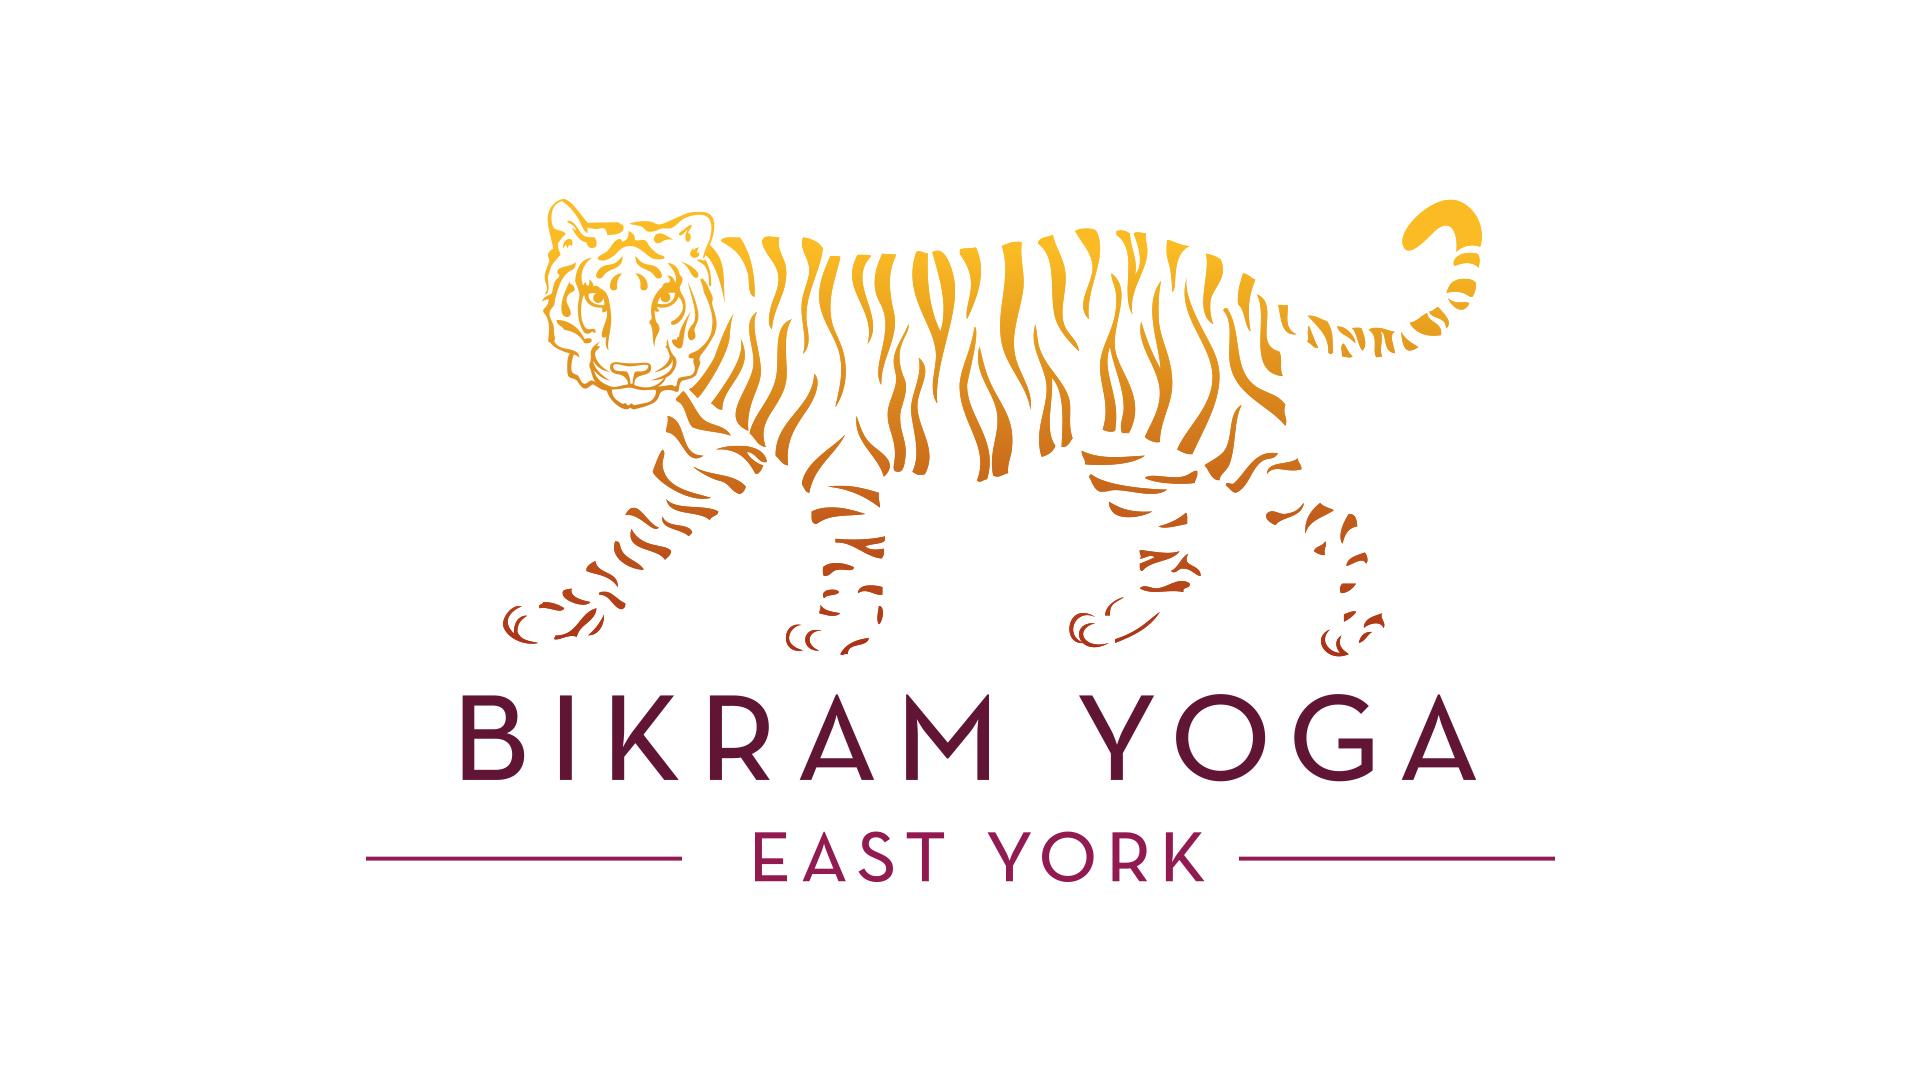 Bikram Yoga East York Original Logo